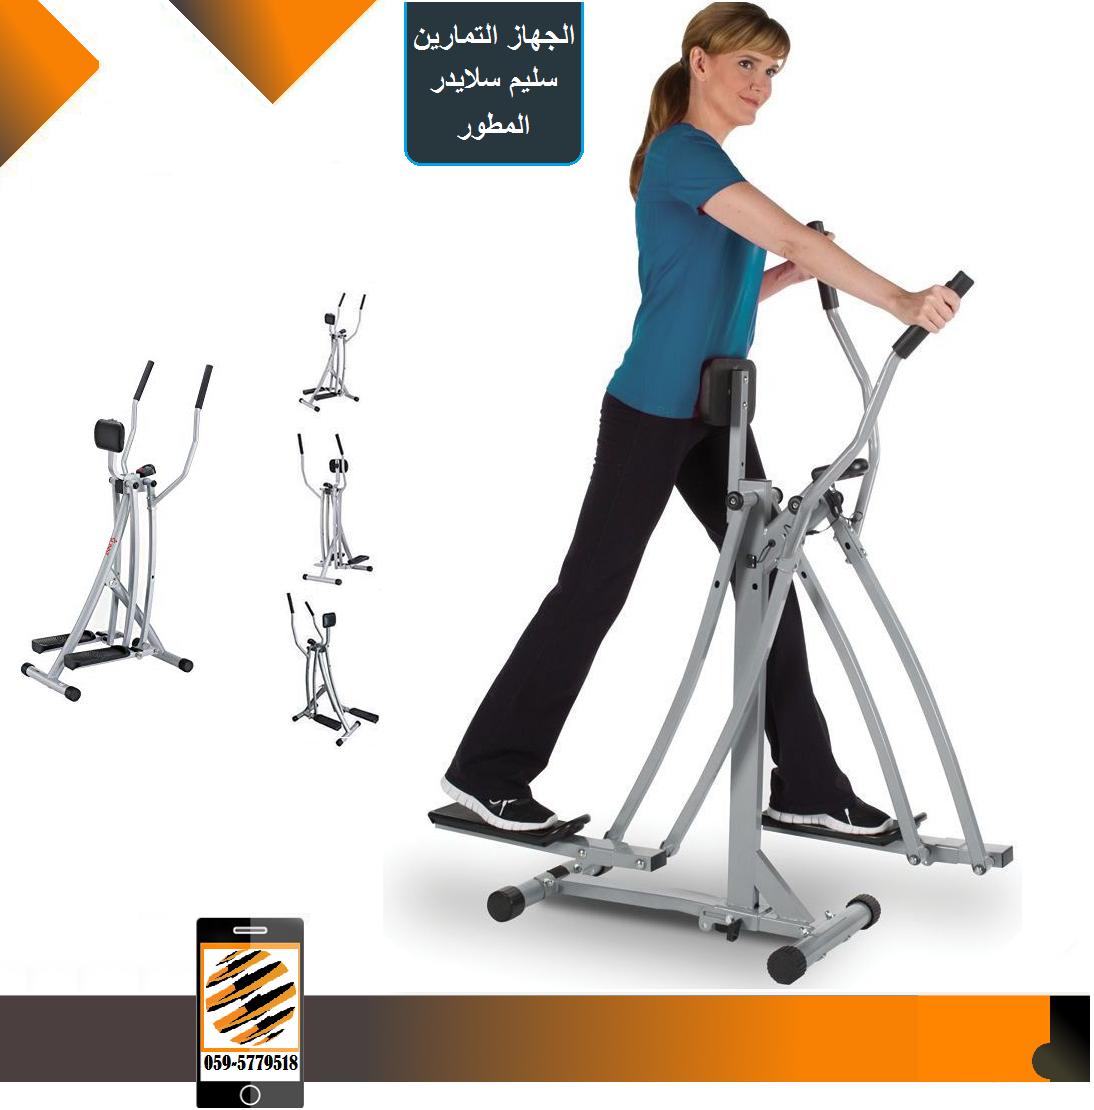 النسخة المطورة من جهاز سليم سلايدر Stationary Bike Bike Gym Equipment